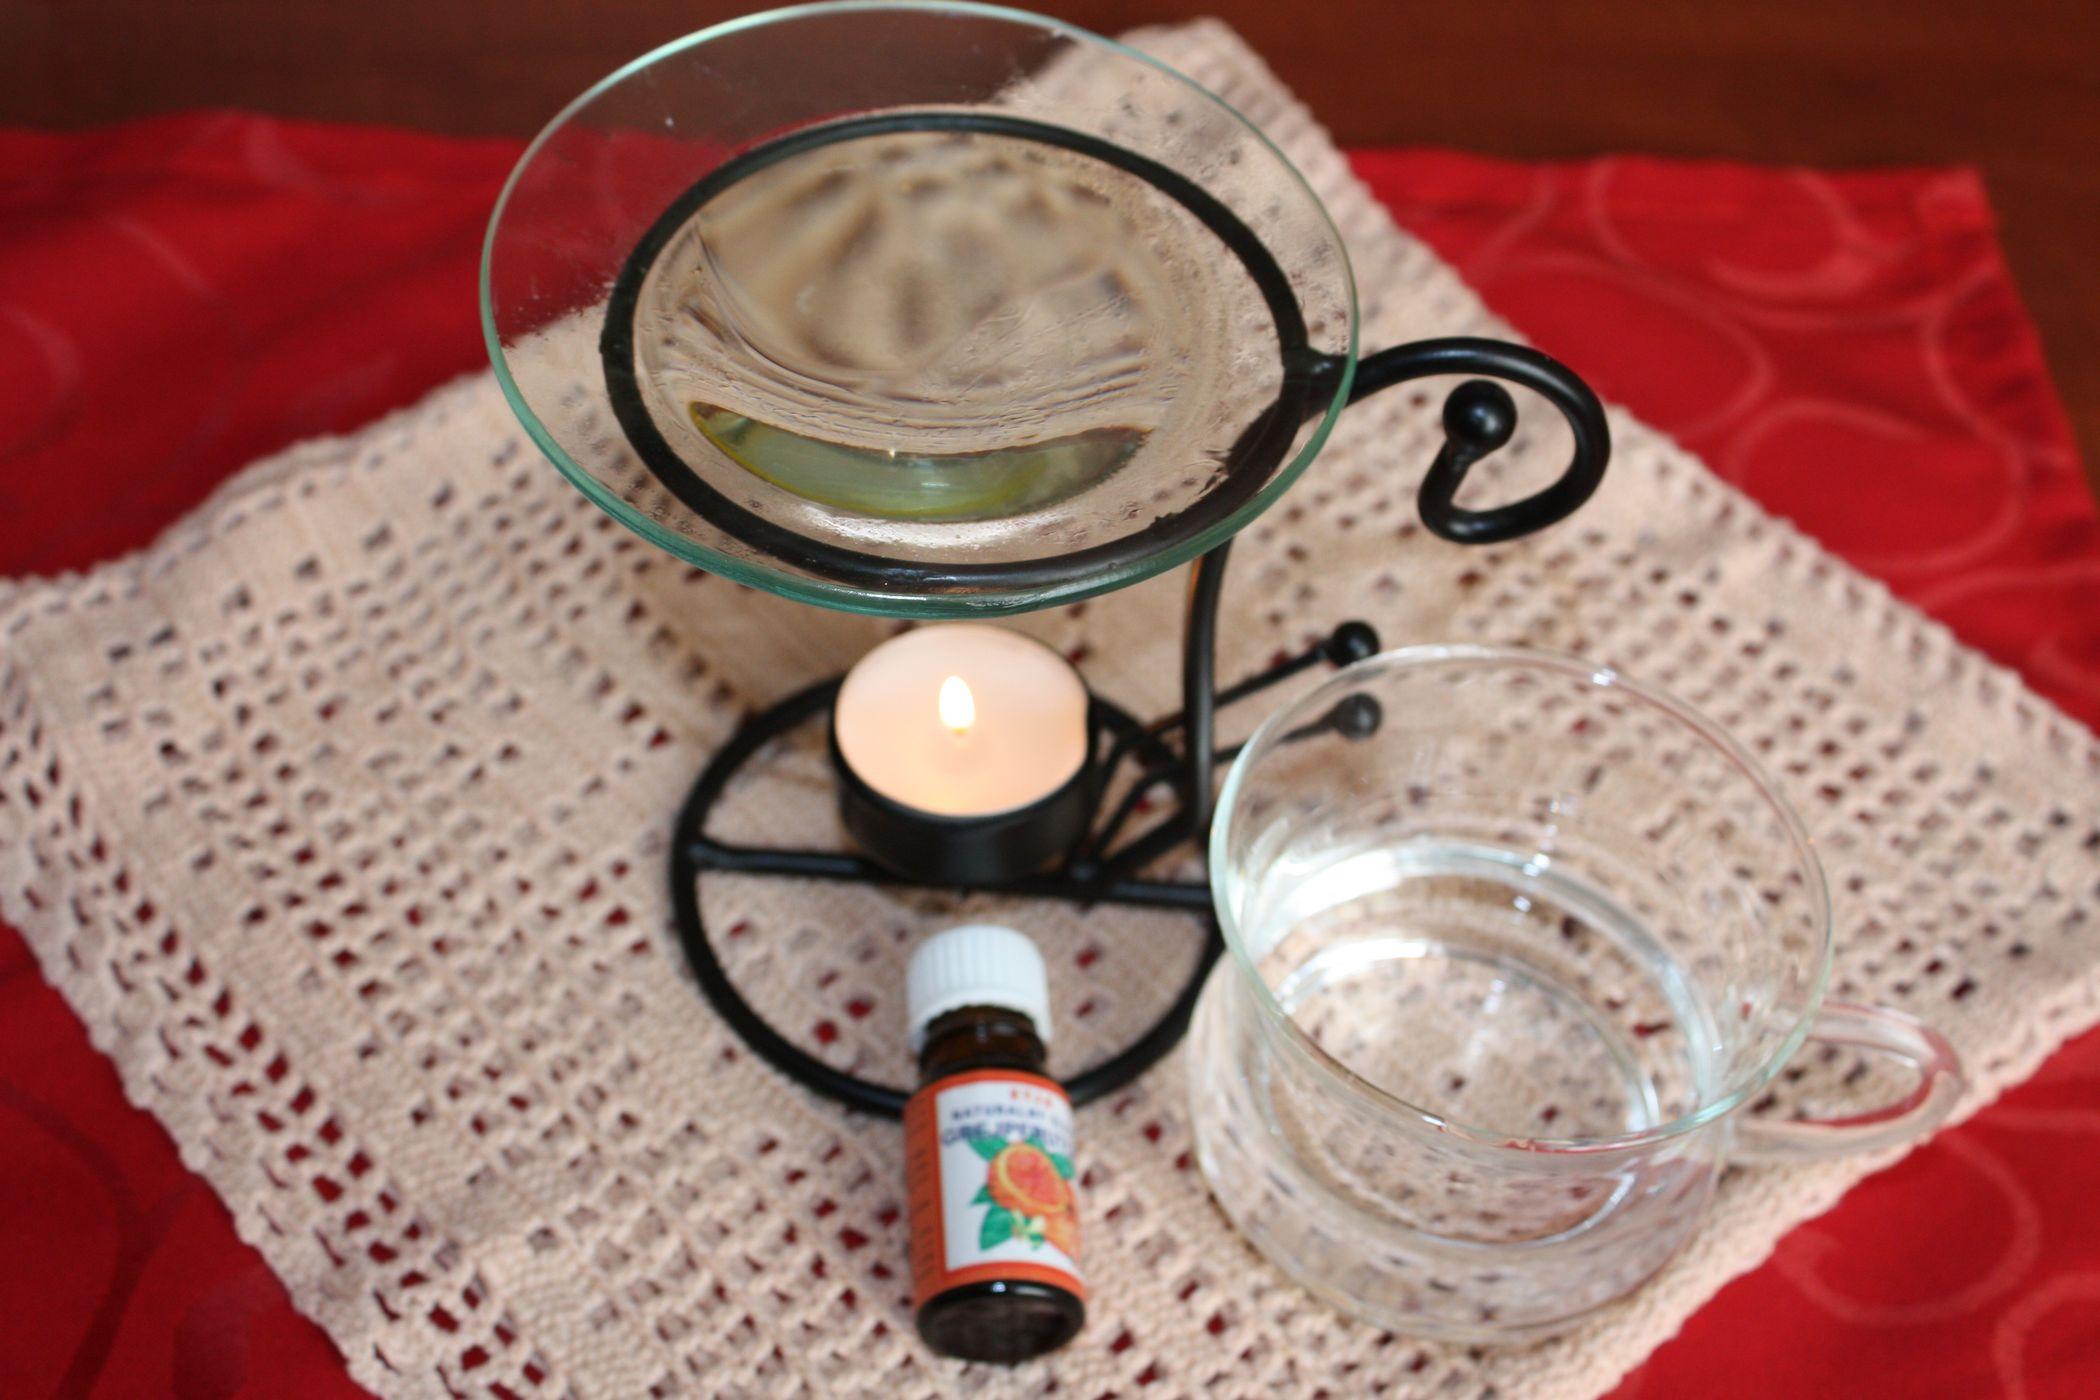 Mój, bardzo prosty zestaw do aromaterapii, sprawdza się bardzo dobrze.